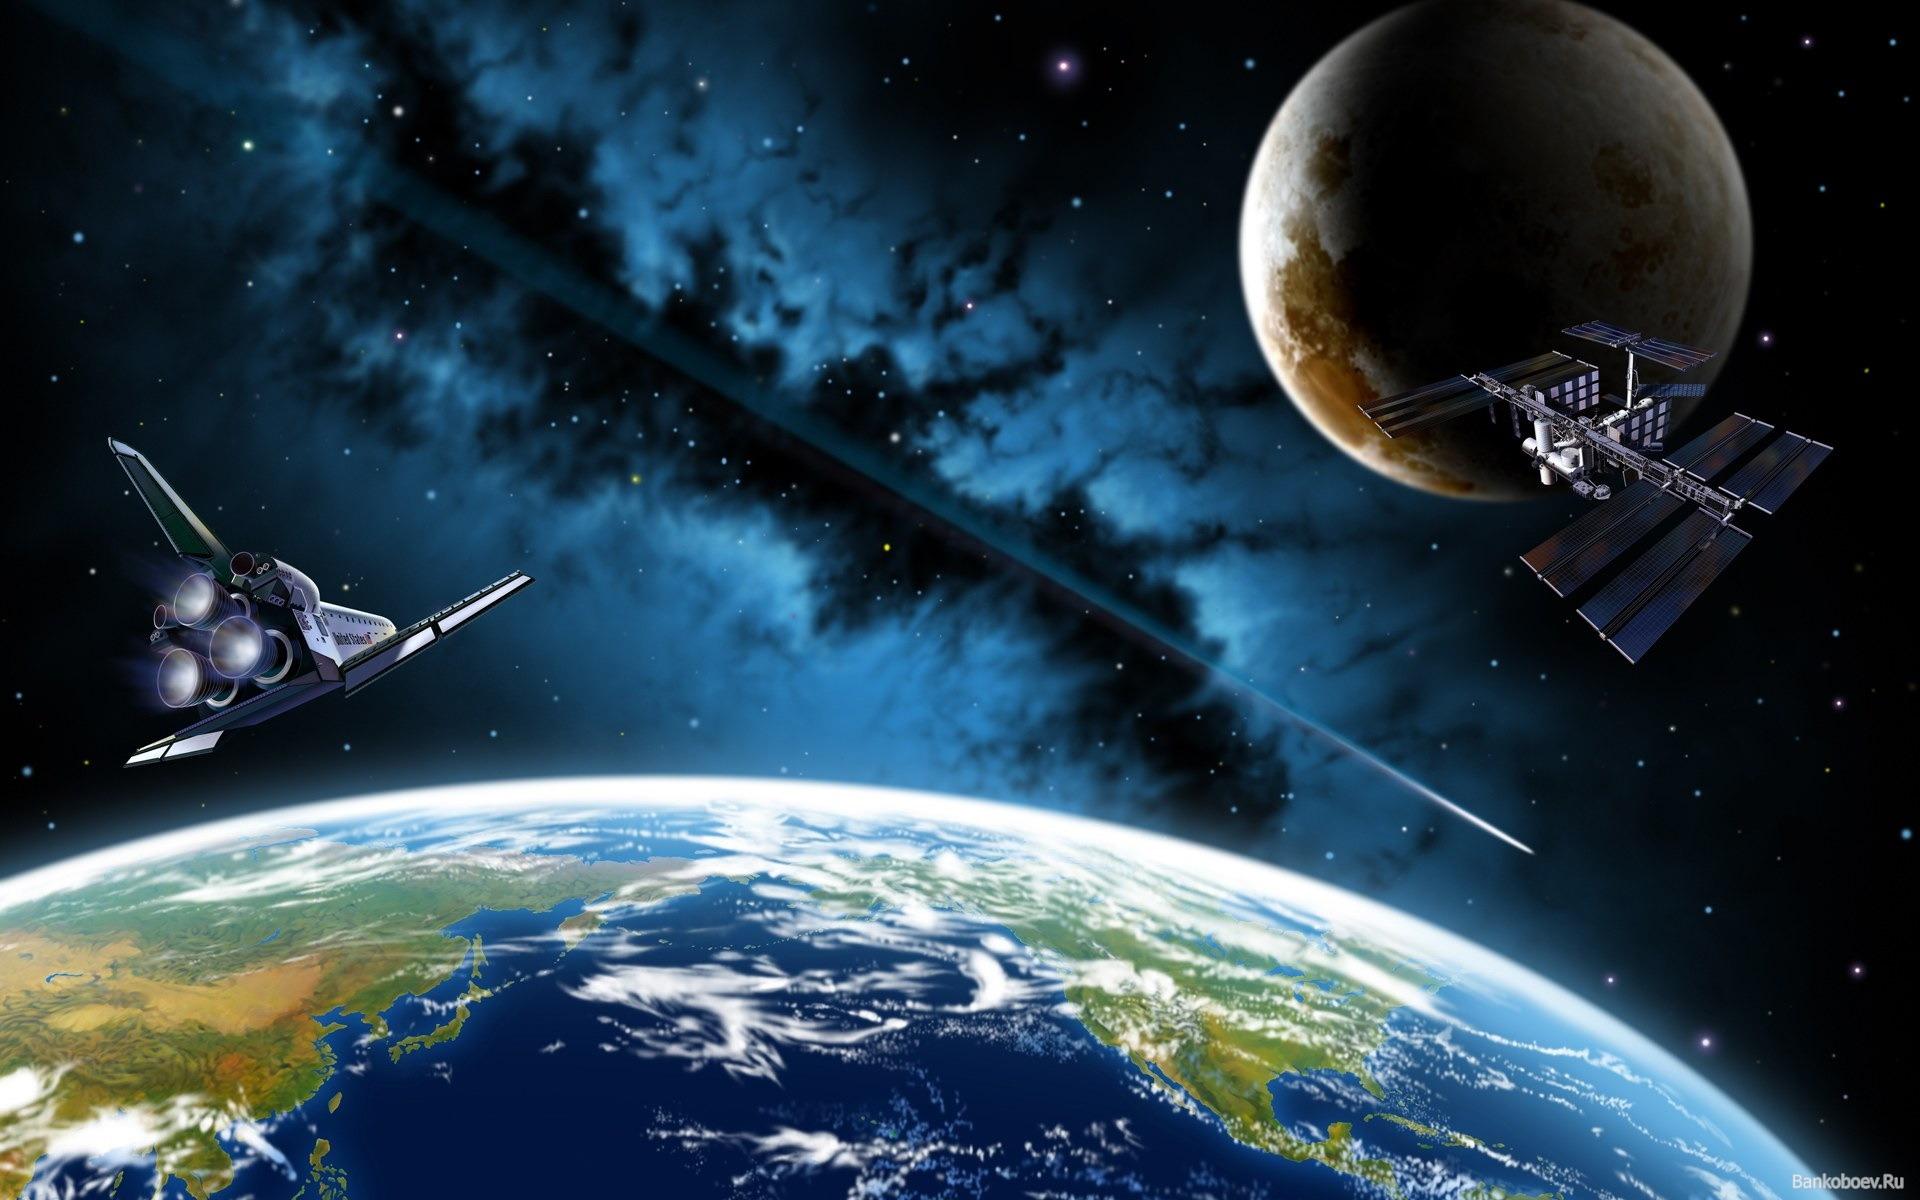 Обои планета космос орбита картинки на рабочий стол на тему Космос - скачать  № 1756981 без смс